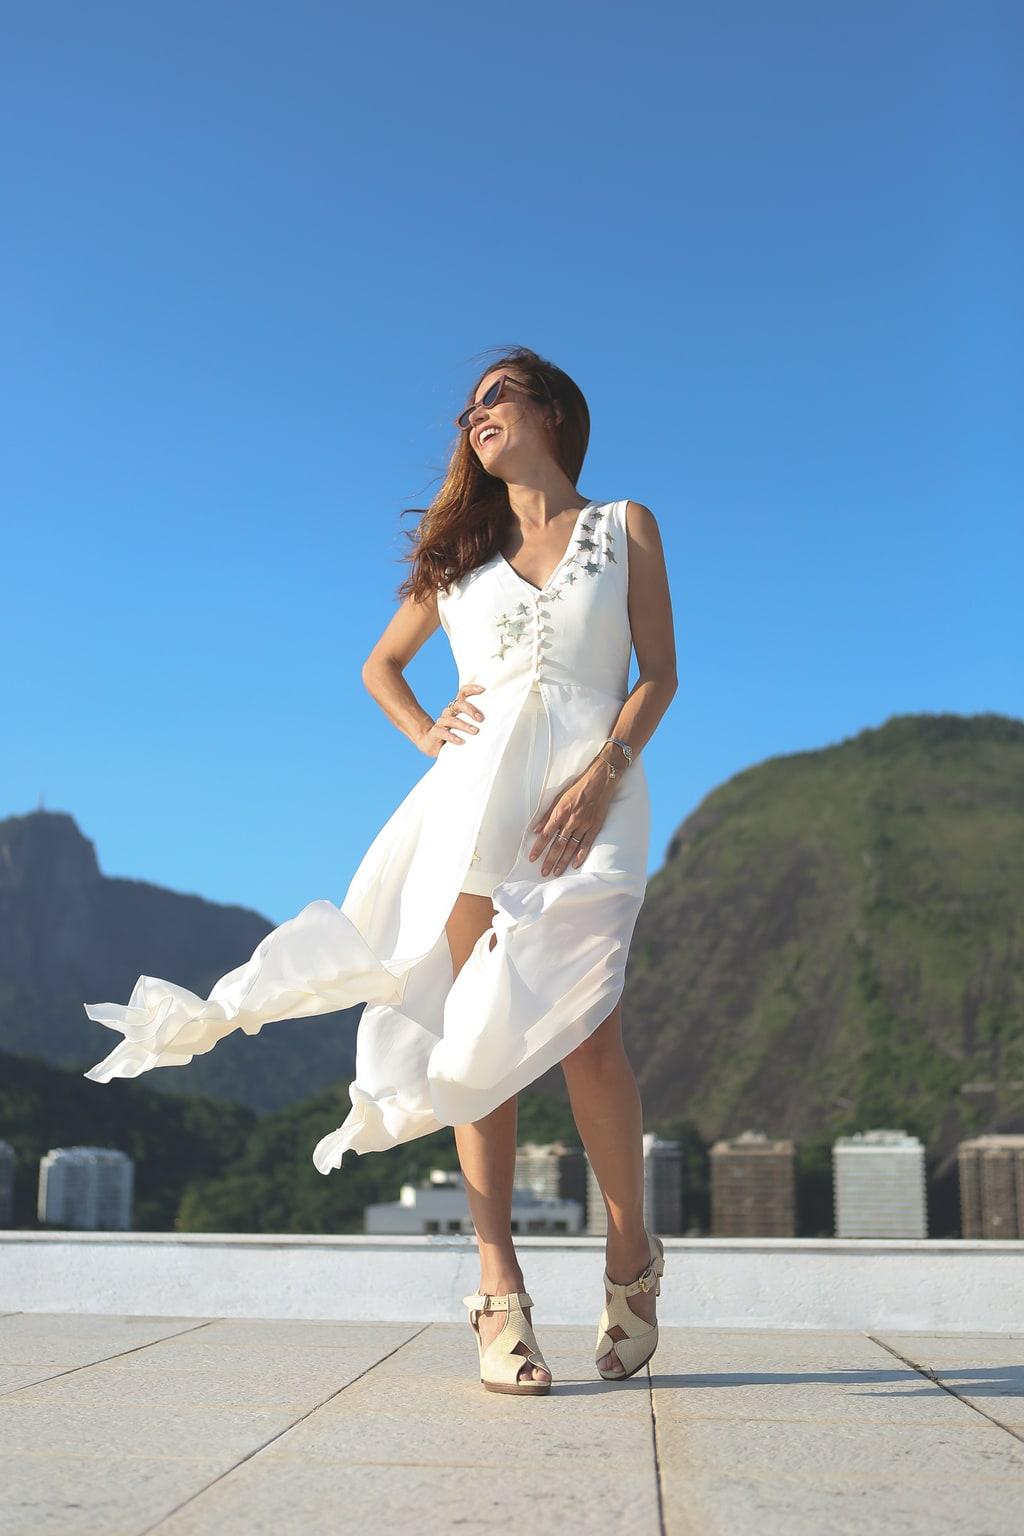 vestidos-ano-novo-reveillon-vestido-de-festa-julia-golldenzon-17